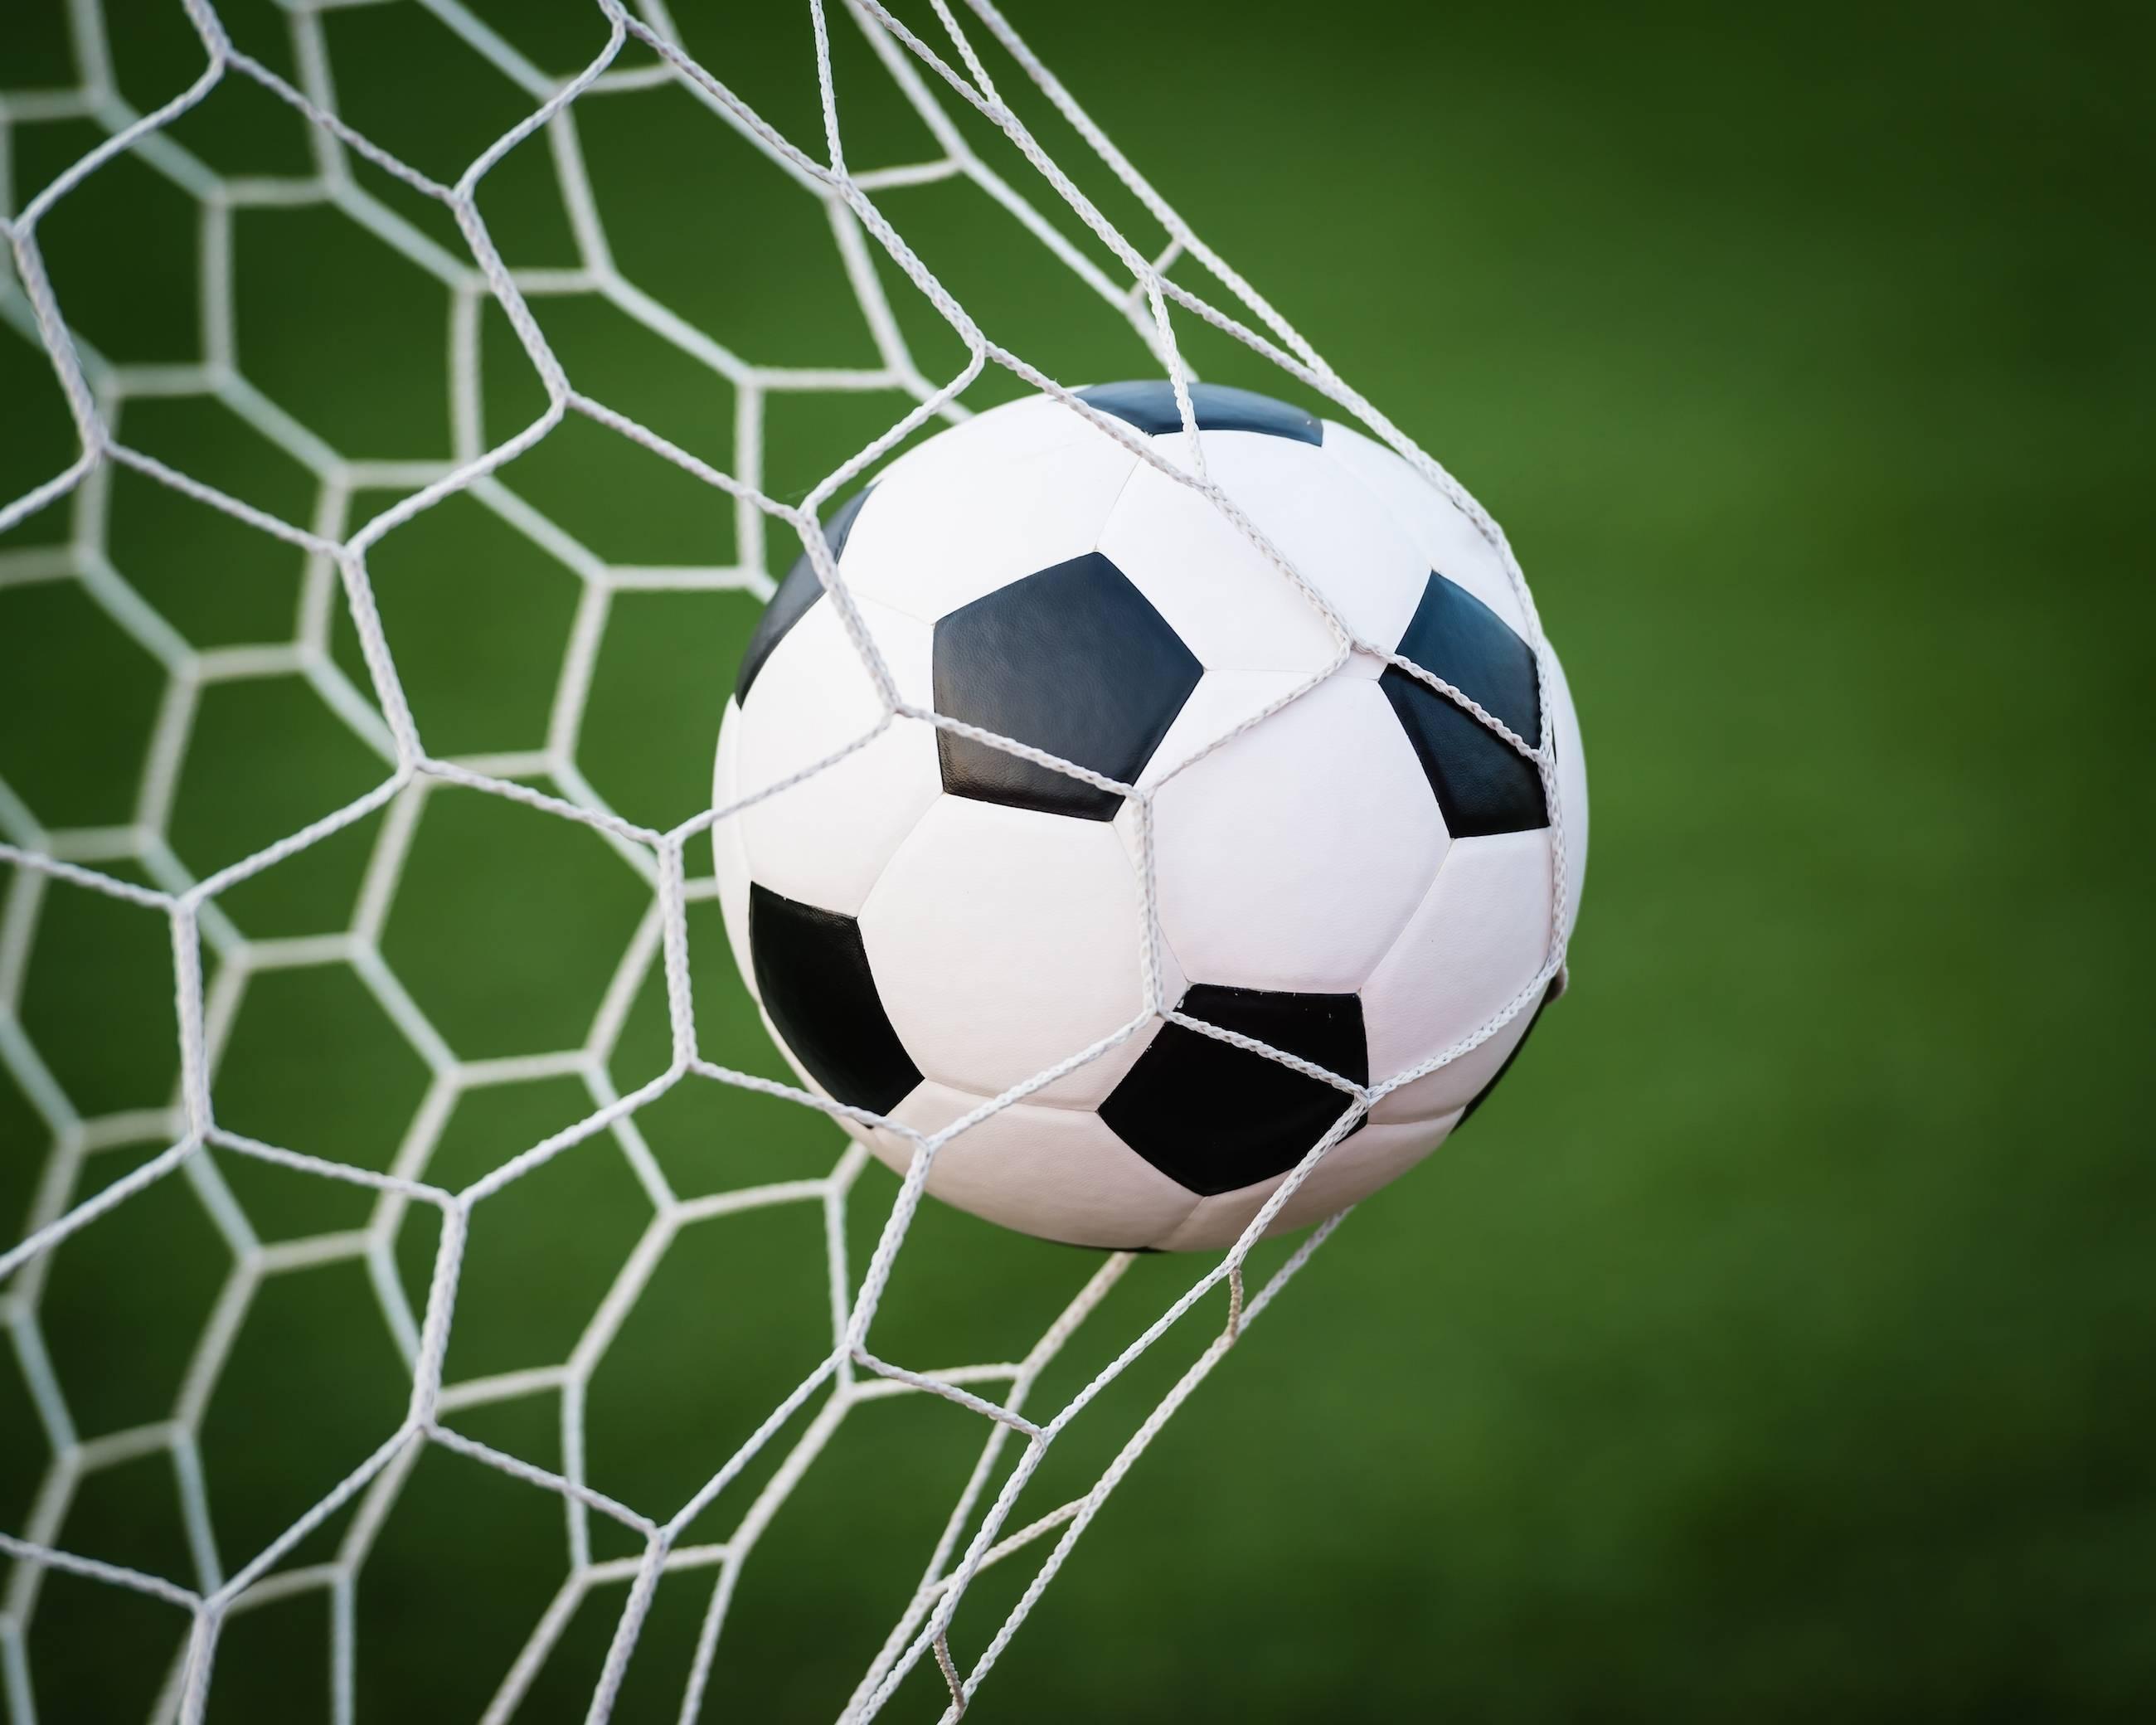 رسوایی جنسی درتیم فوتبال دختران افغانستان